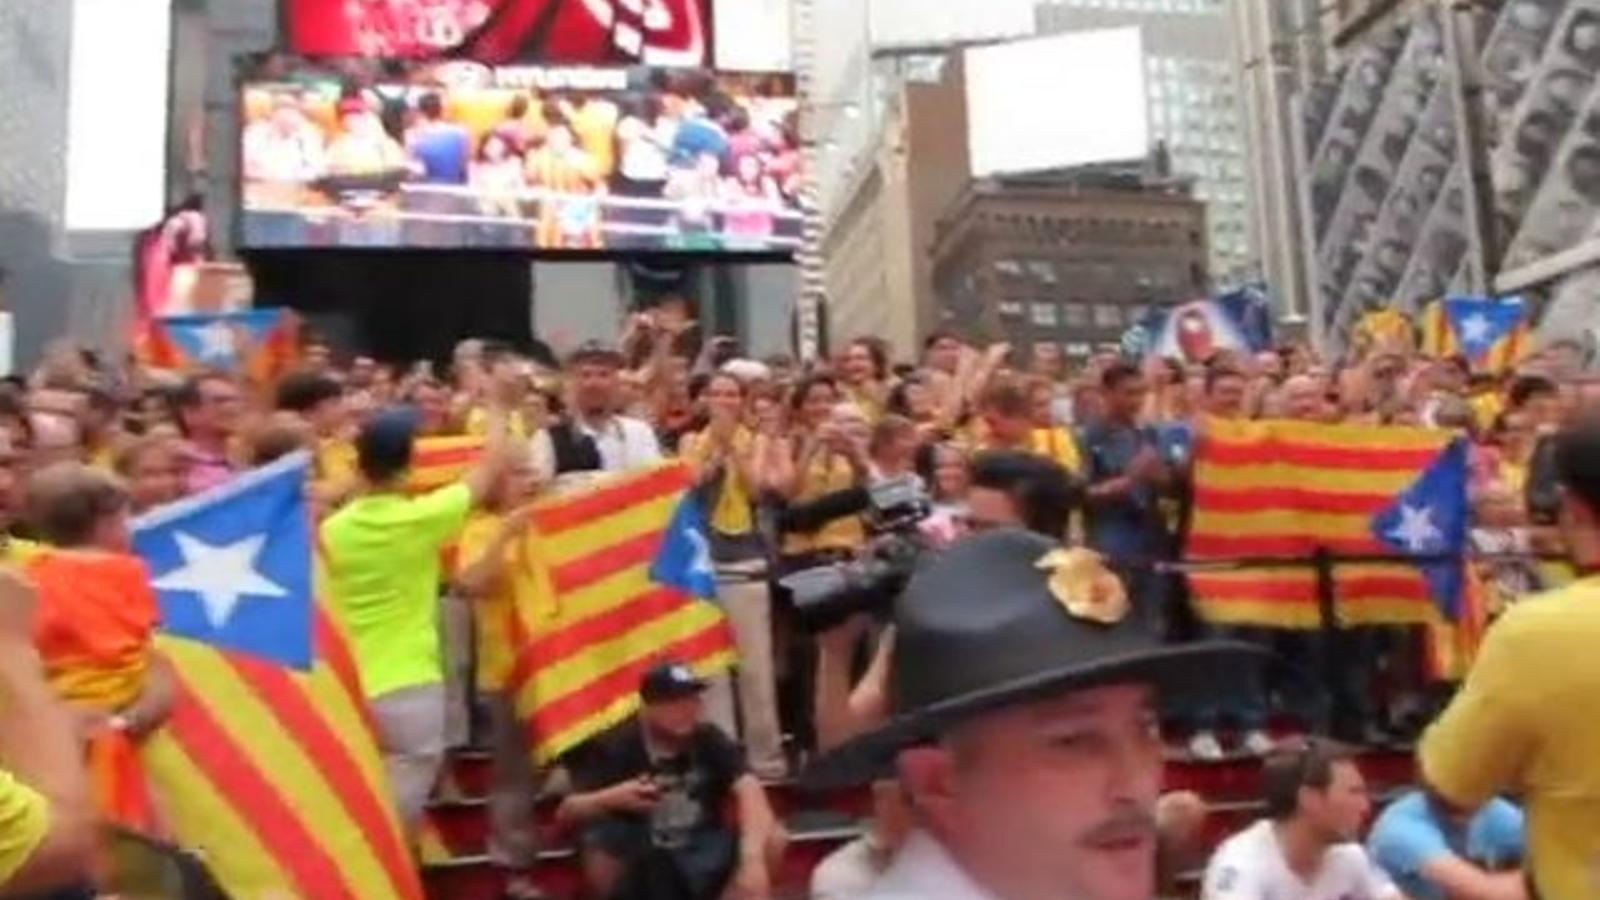 Concentració independentista a Times Square, Nova York (amb desconcert policial), el cap de setmana amb més vies catalanes a l'exterior